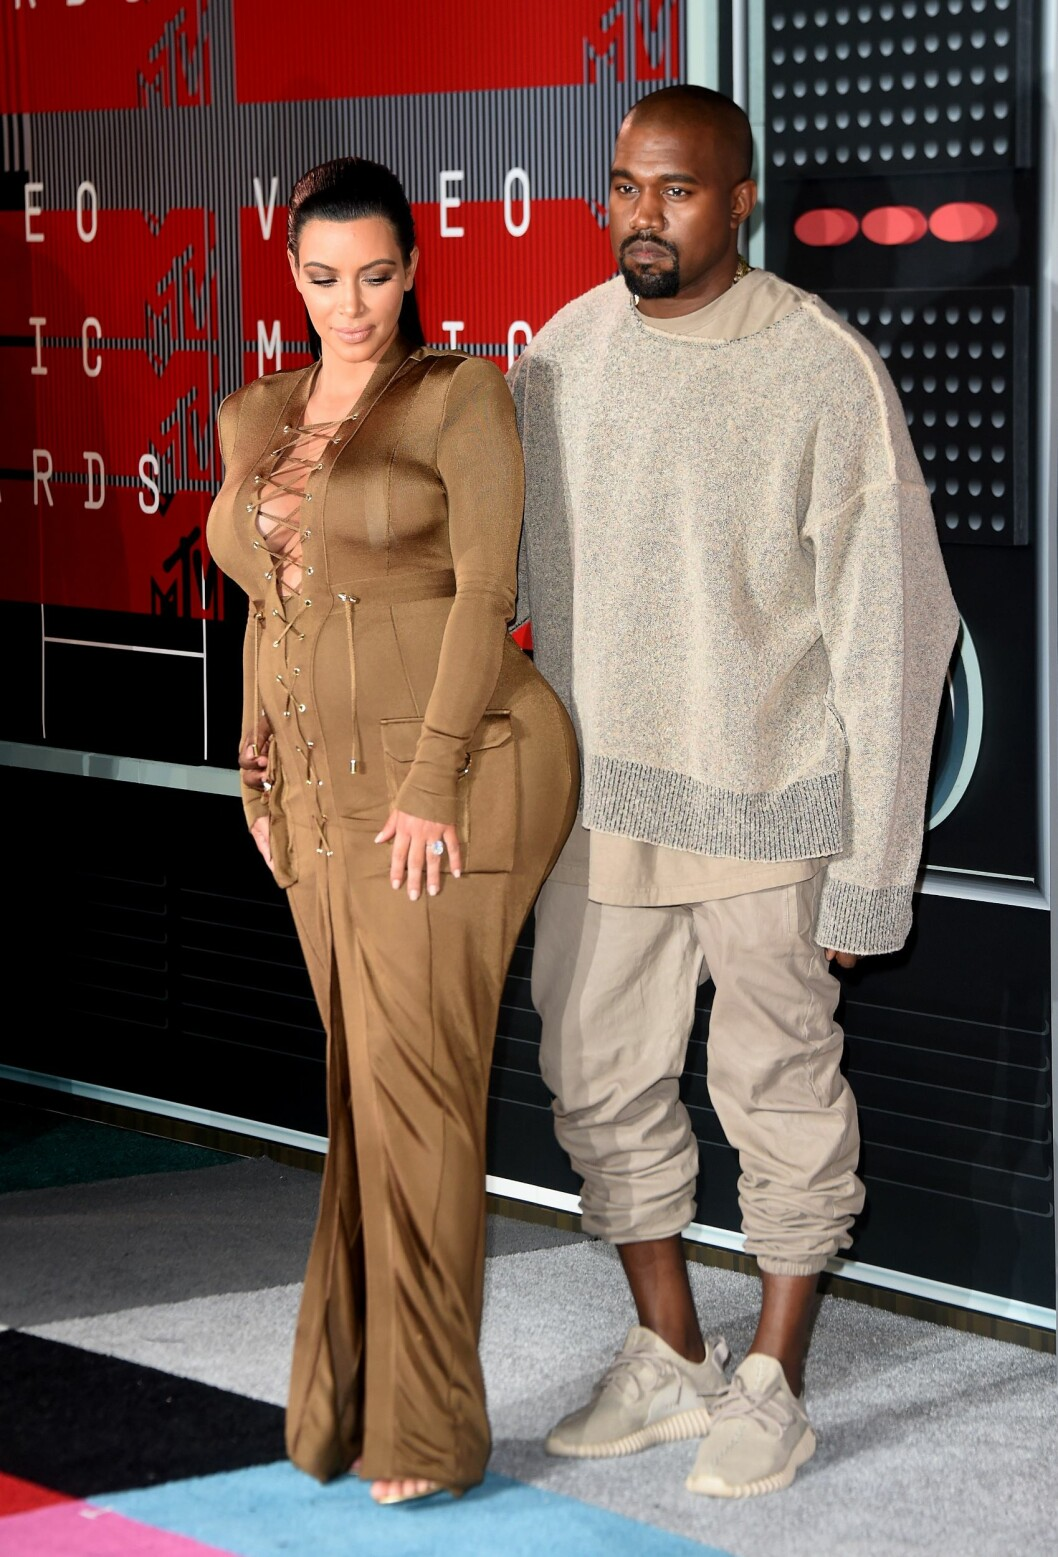 <strong>DOBBEL BOM:</strong> En annen overraskelse under MTV Video Music Awards var antrekkene til verdens mest berømte par: Kim Kardashian og Kanye West. Kim var gravid med sitt andre barn og viste mye former i en lang brun kjole med utringet snøre-topp fra Balmain. Rapperen fikk heller ikke skryt for sine halvlange bukser og grå oversized genser.  Foto: Afp